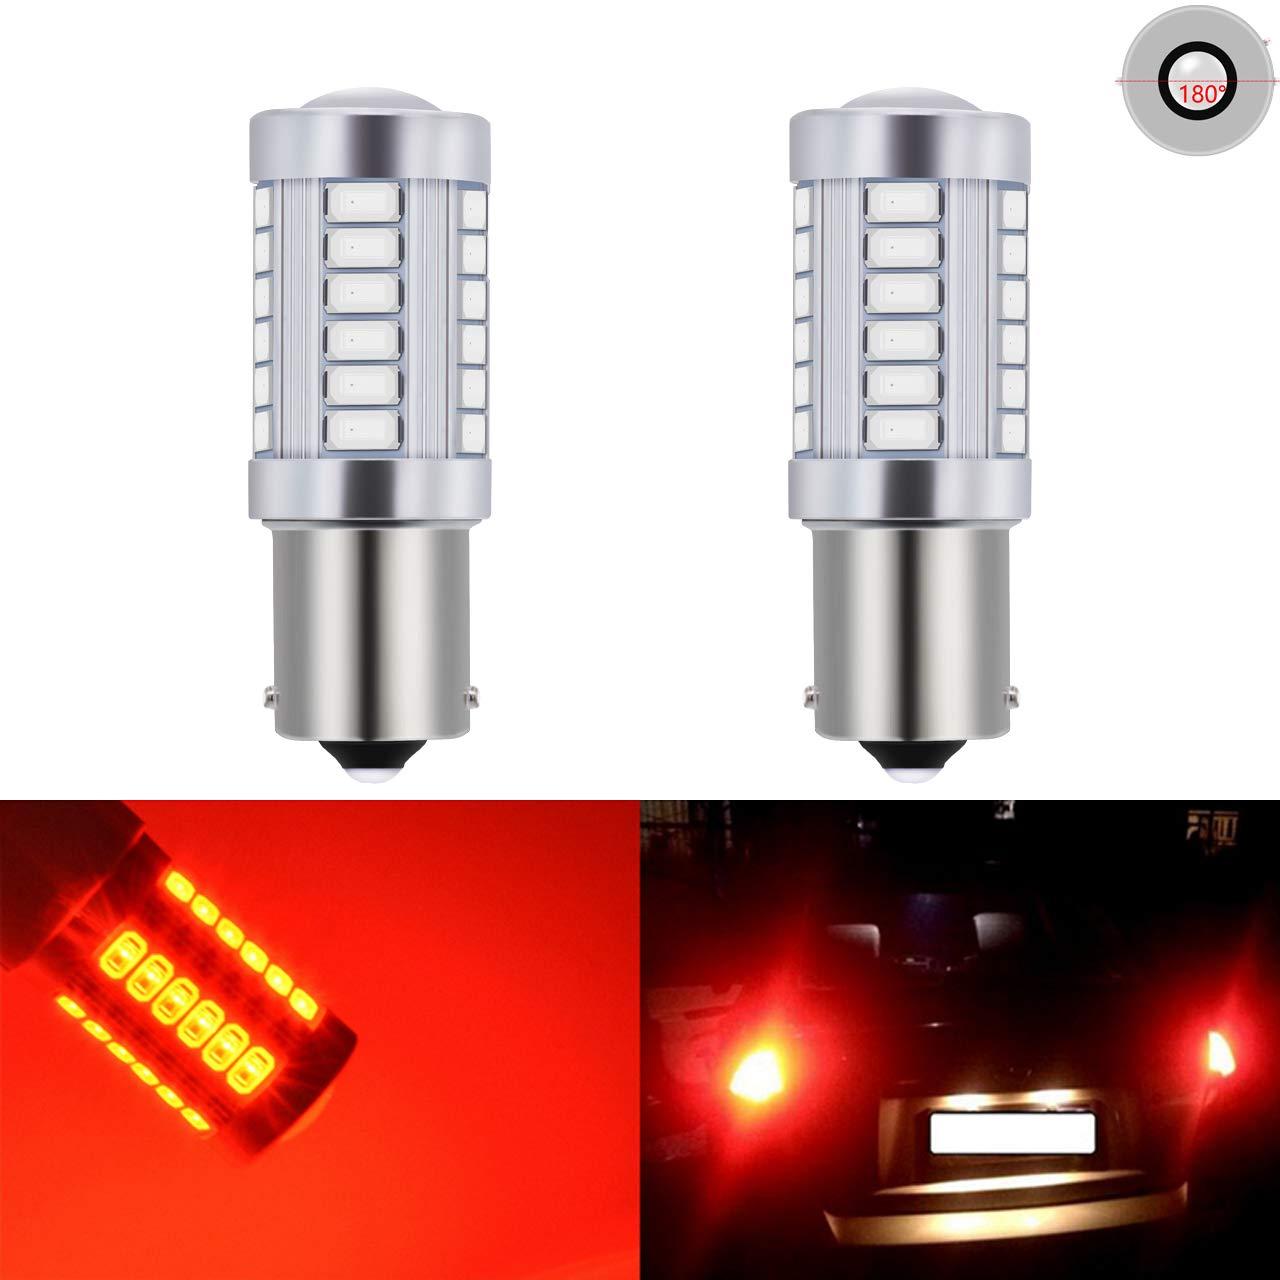 Paquetes de bombillas de repuesto LED blancas de 900 lú menes y 8000 K, muy brillantes, para las luces traseras, de freno, de marcha atrá s, intermitentes, luces laterales de marcador, traseras, de parada, de seguridad, de 12&nbsp